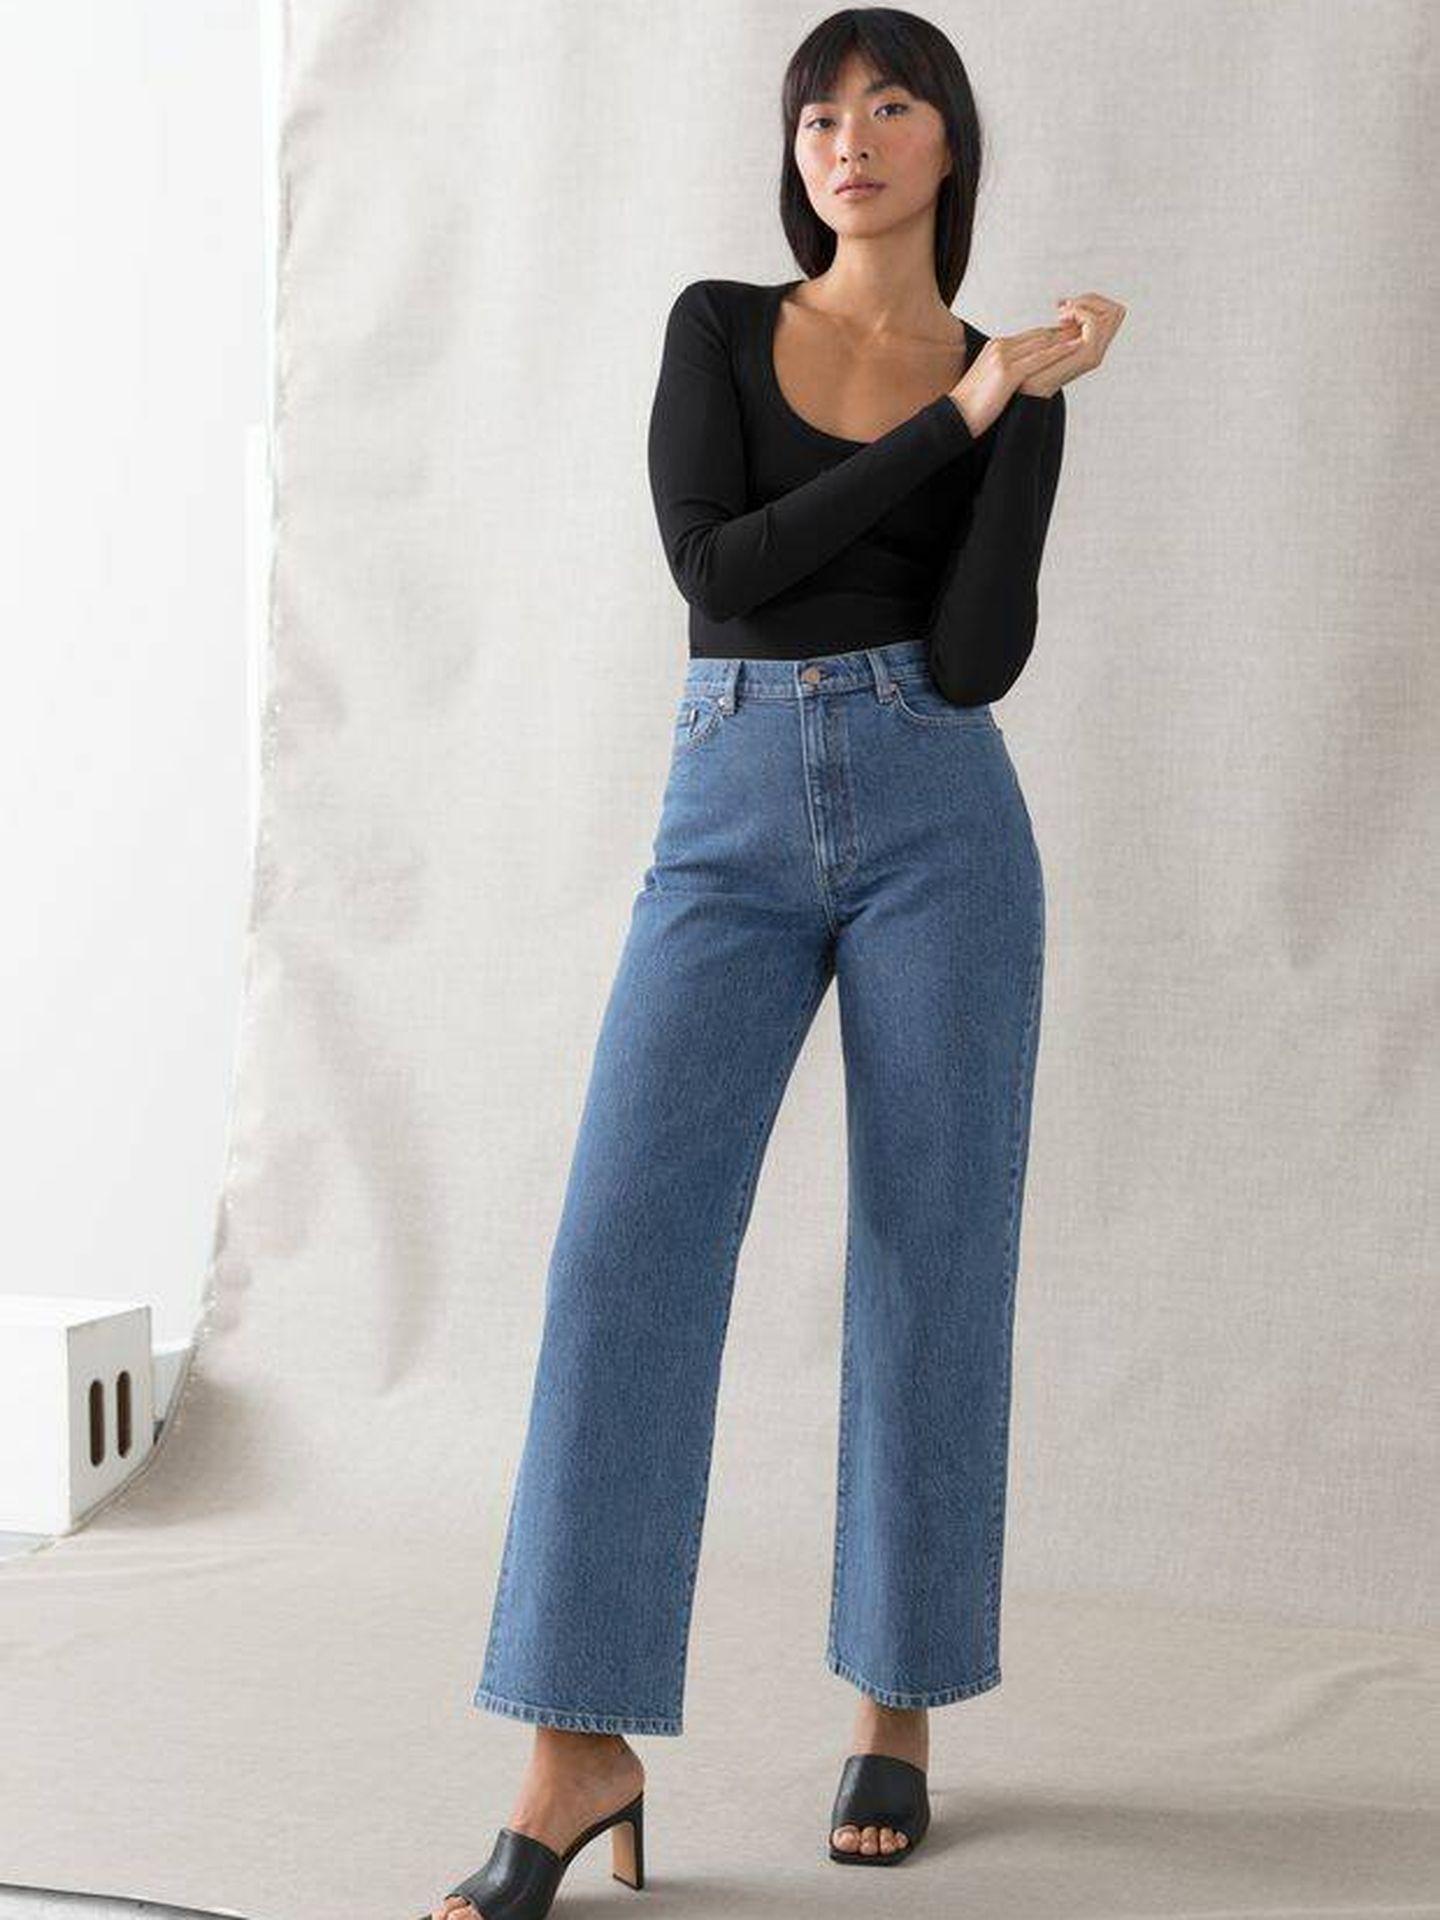 Uno de los múltiples modelos de los 'Treasure Cut Jeans'. Cortesía